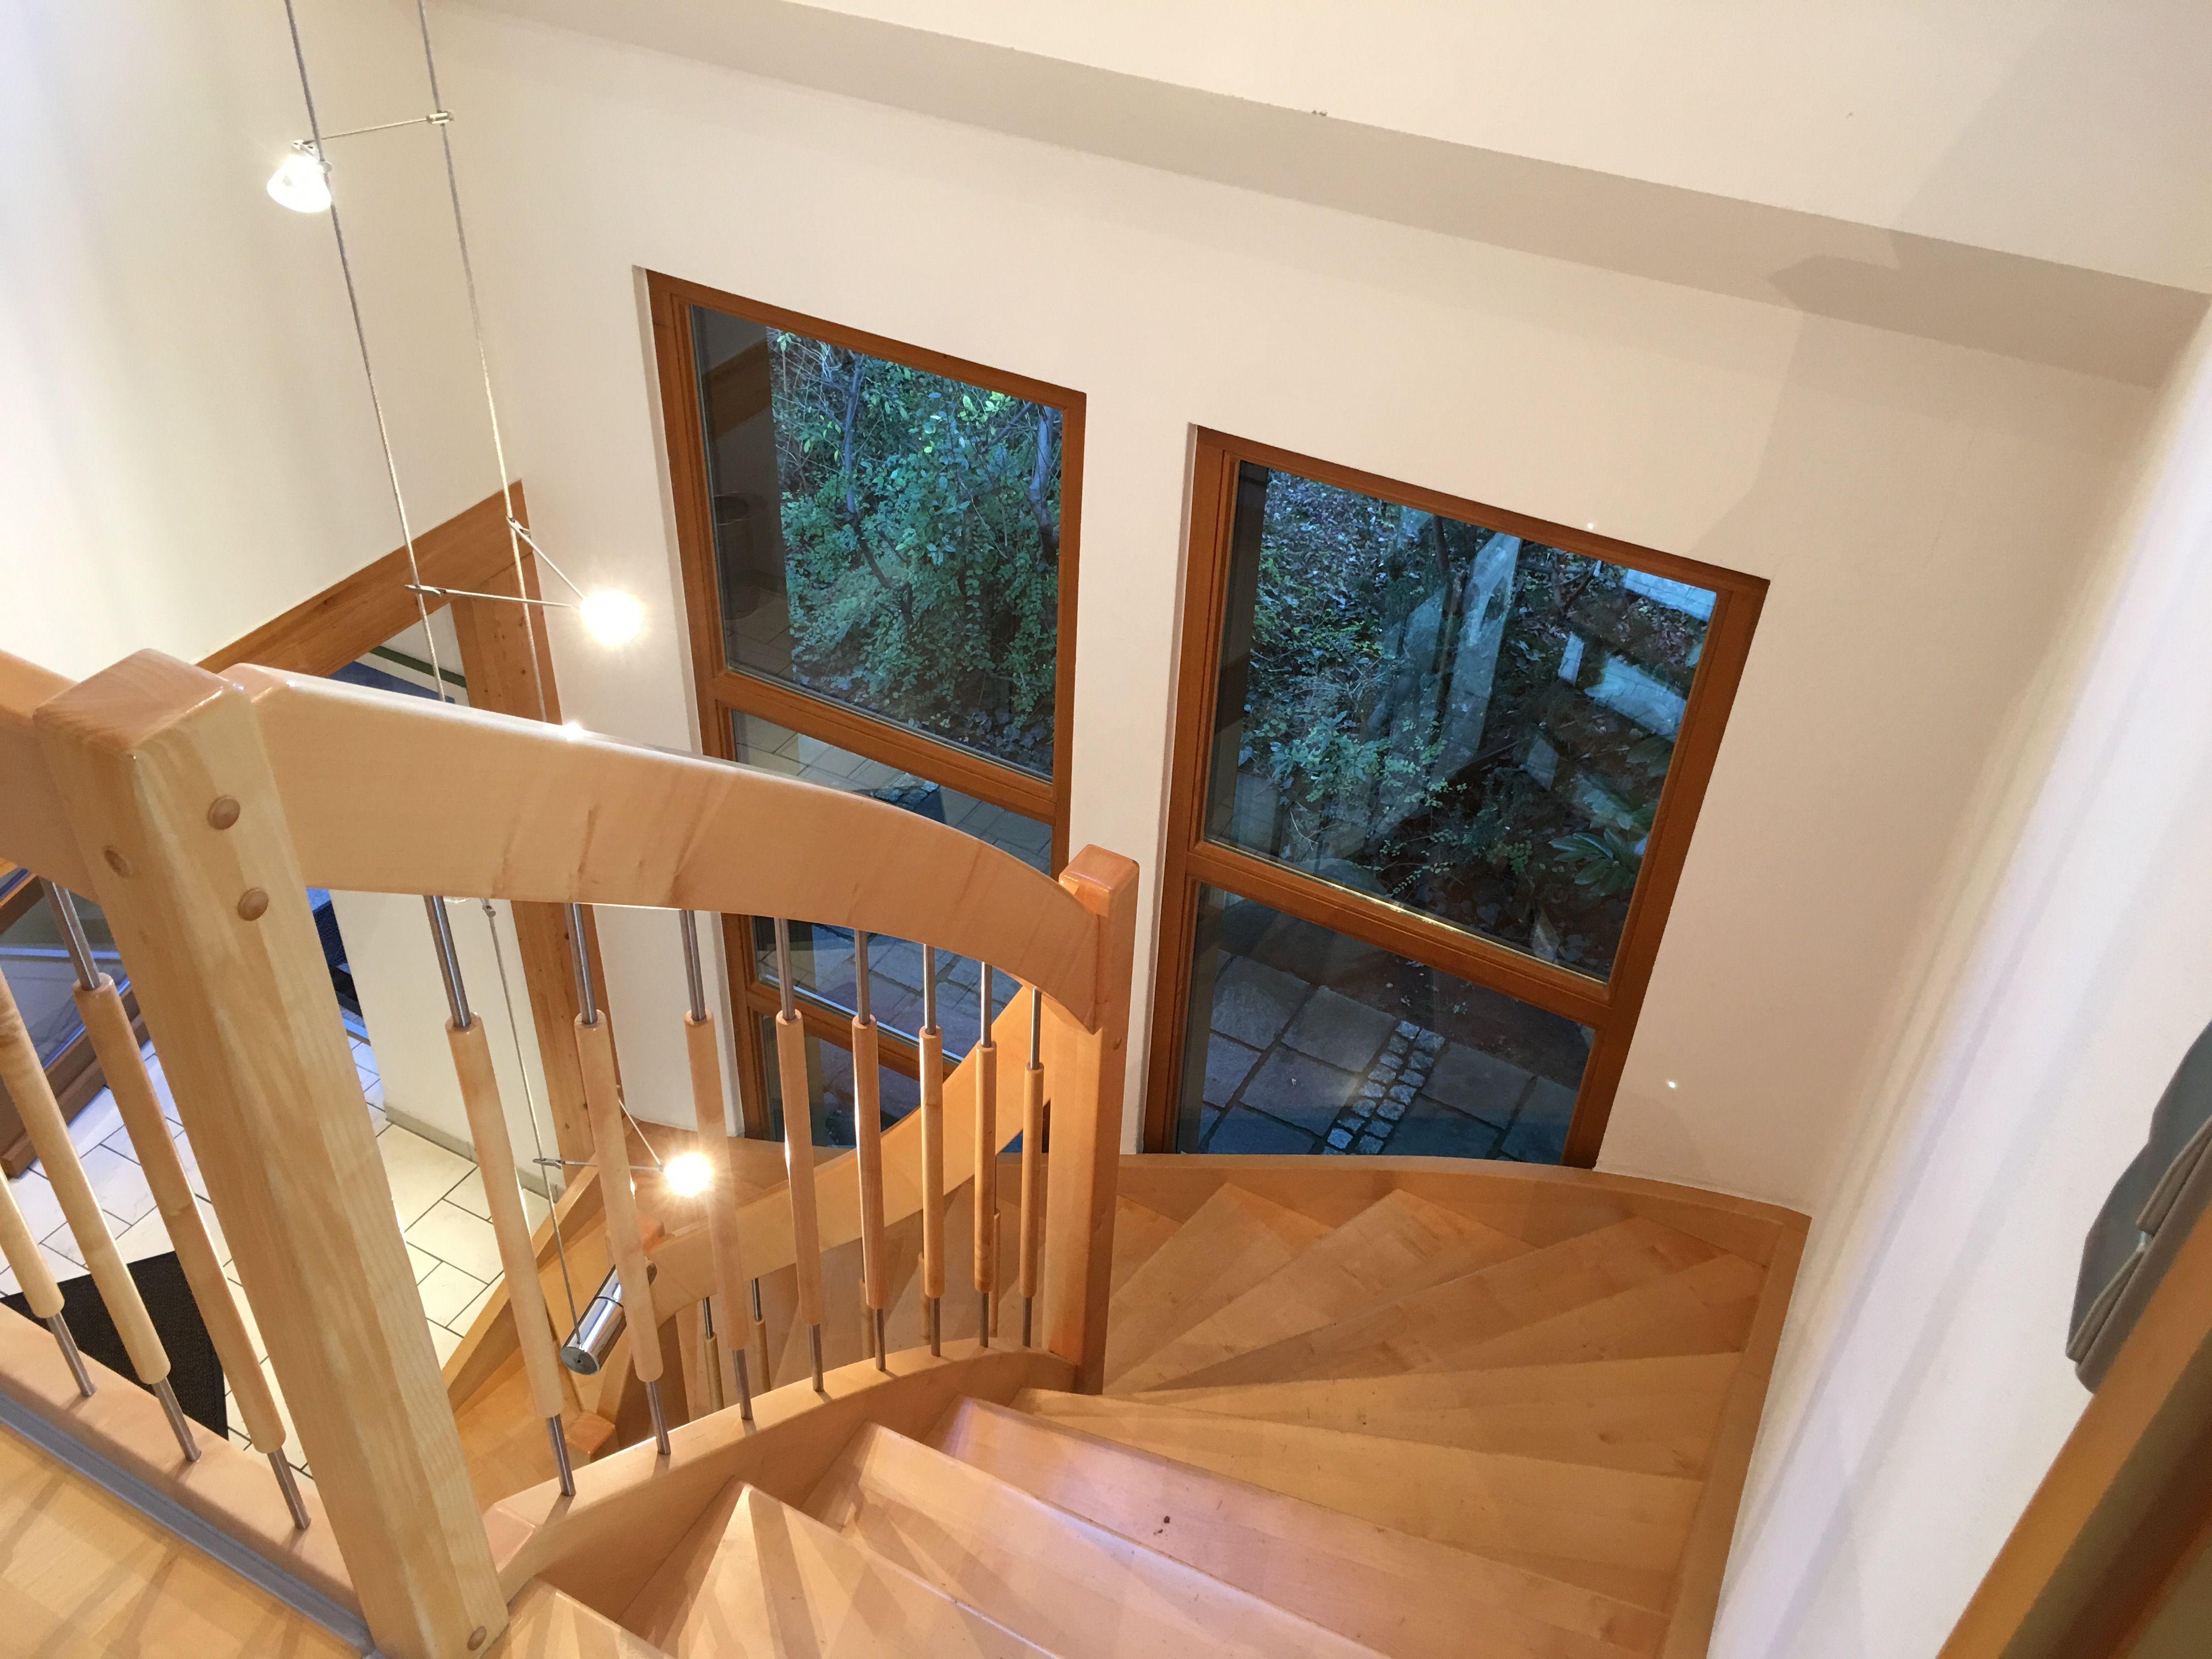 Relativ Treppe #Treppenhaus (Fenster hochkant) | Wohnen | Bathroom und Bathtub MZ82